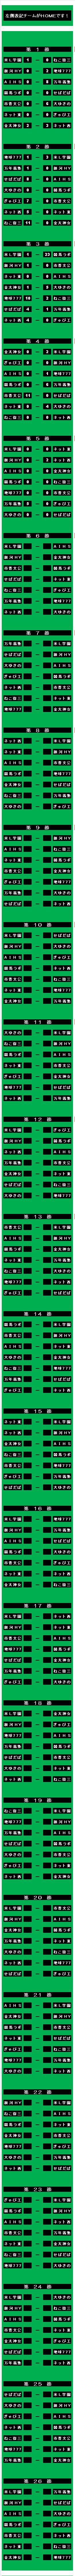 20150912・ダルマンリーグ第5節後半終了対戦相手組み合わせ表.jpg